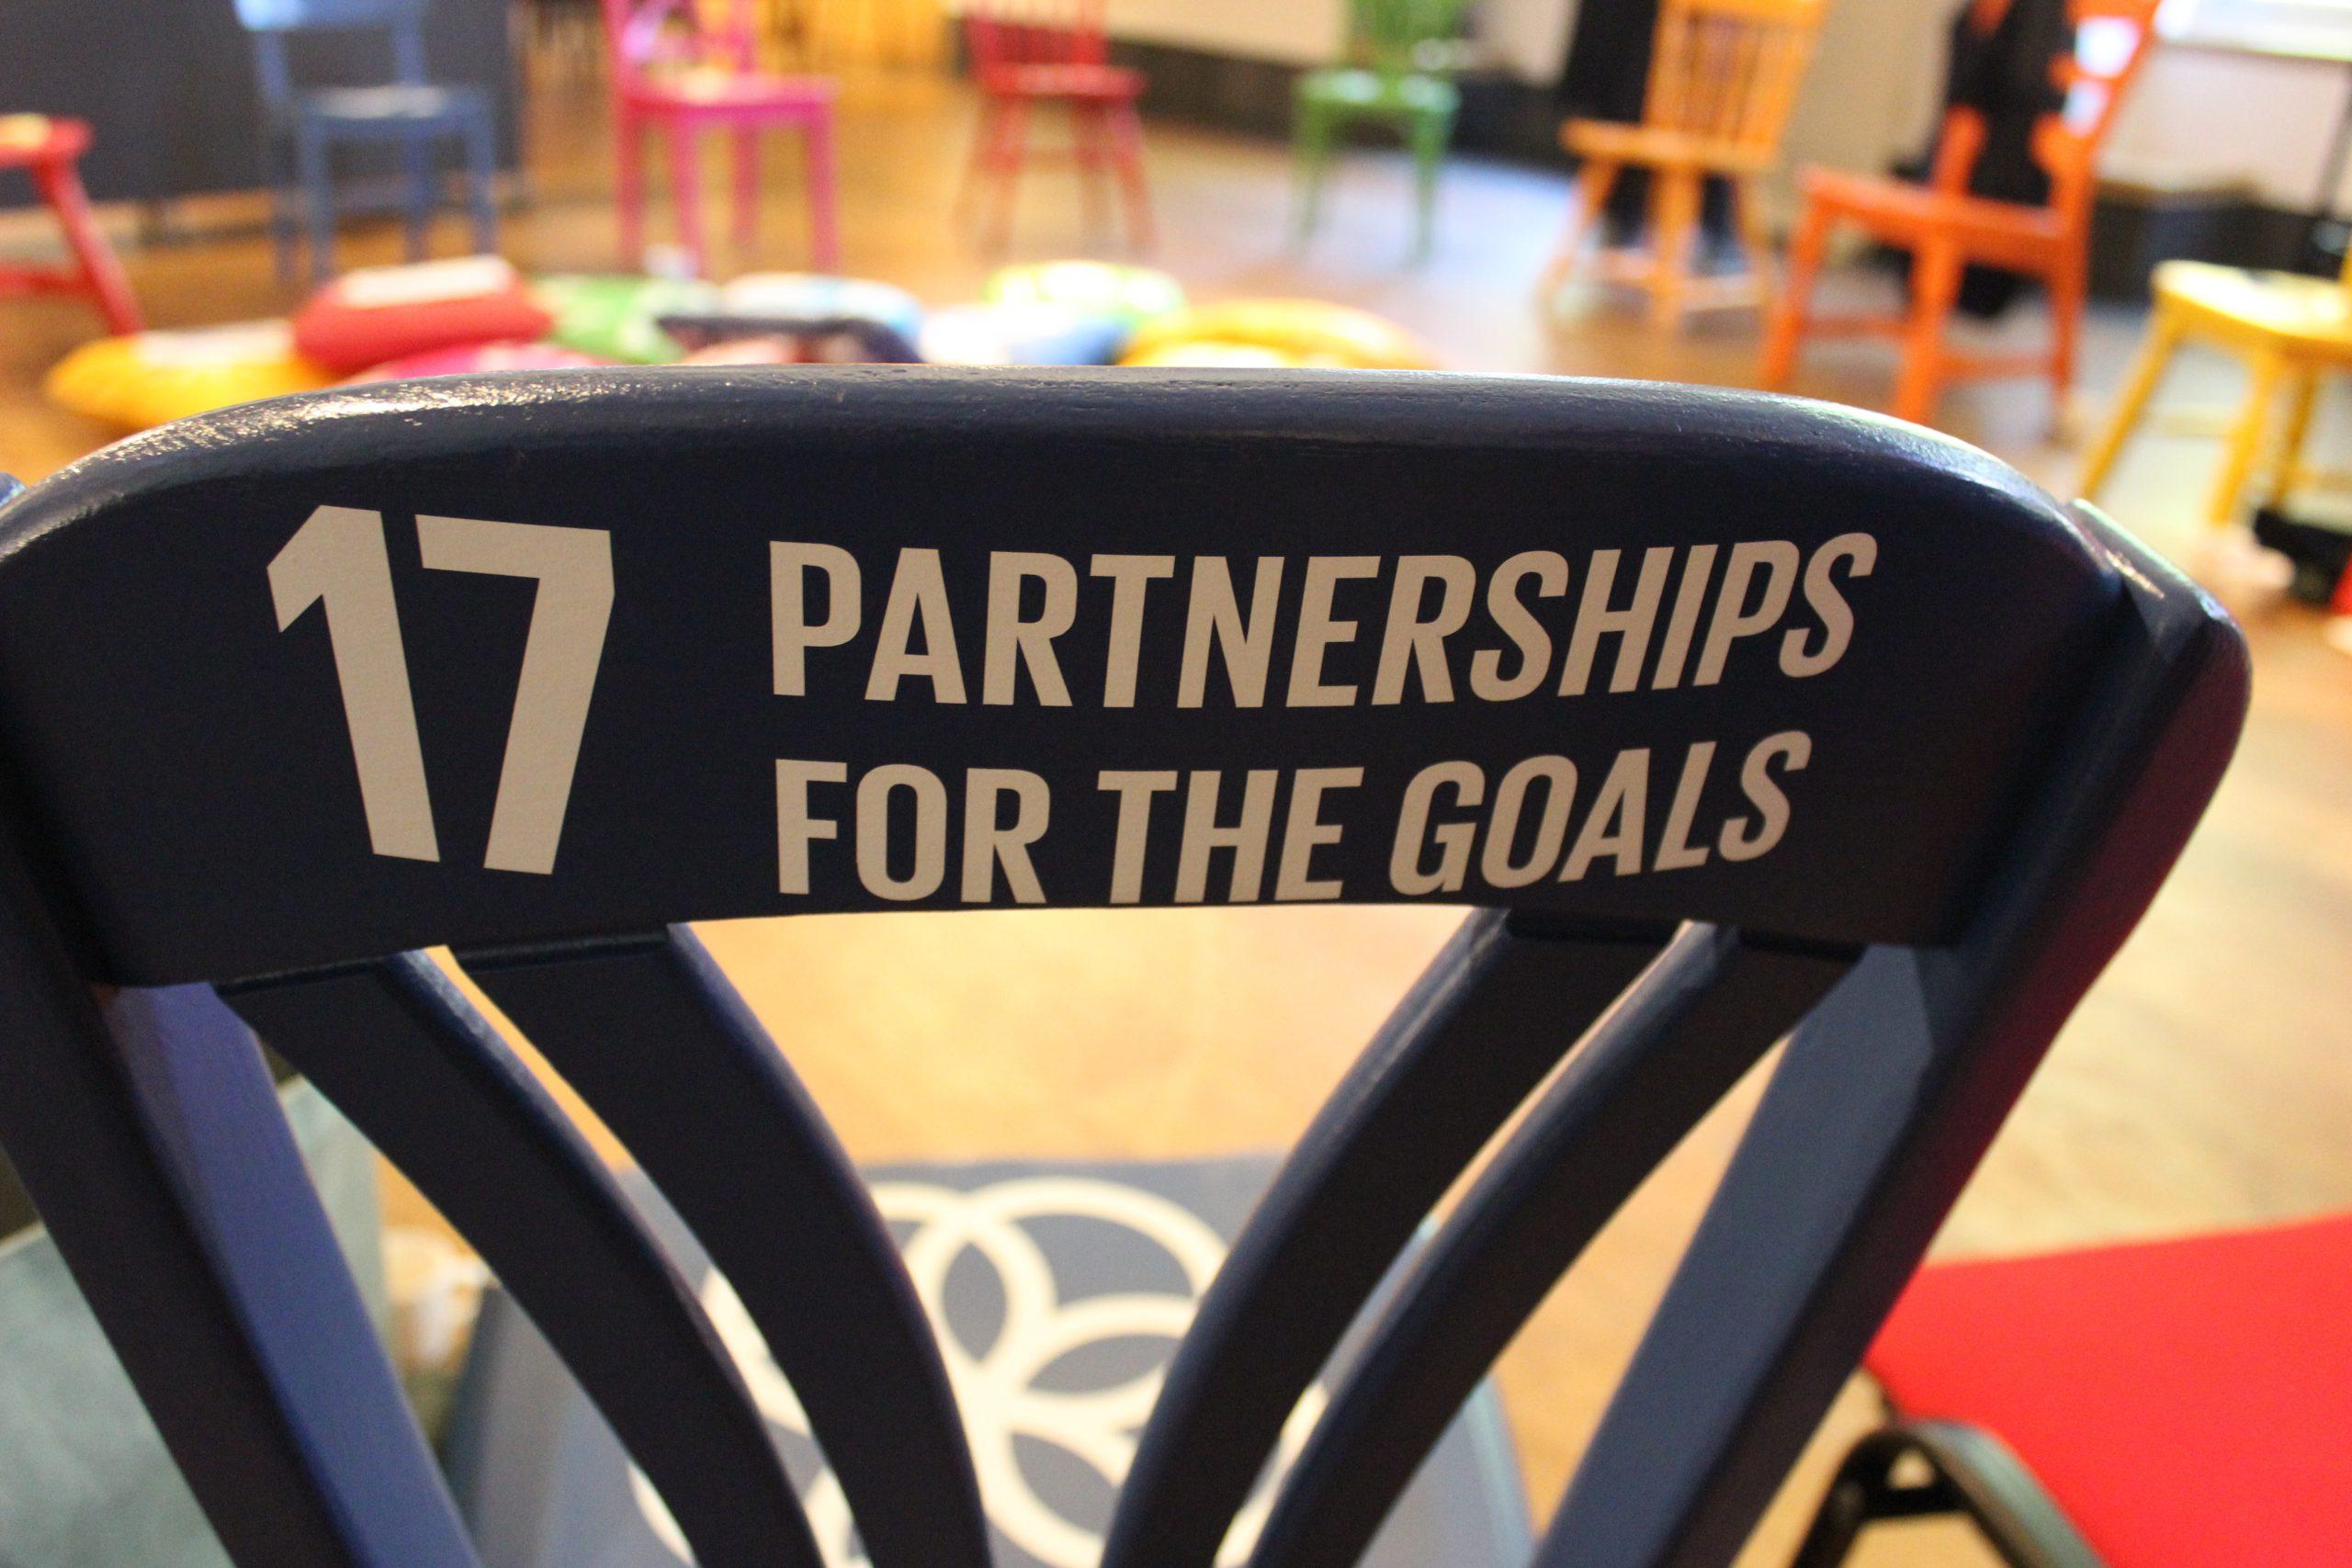 SDG 17 partnerschap om de doelstellingen te bereiken gedrukt op de rugleuning van in dezelfde kleur stoel